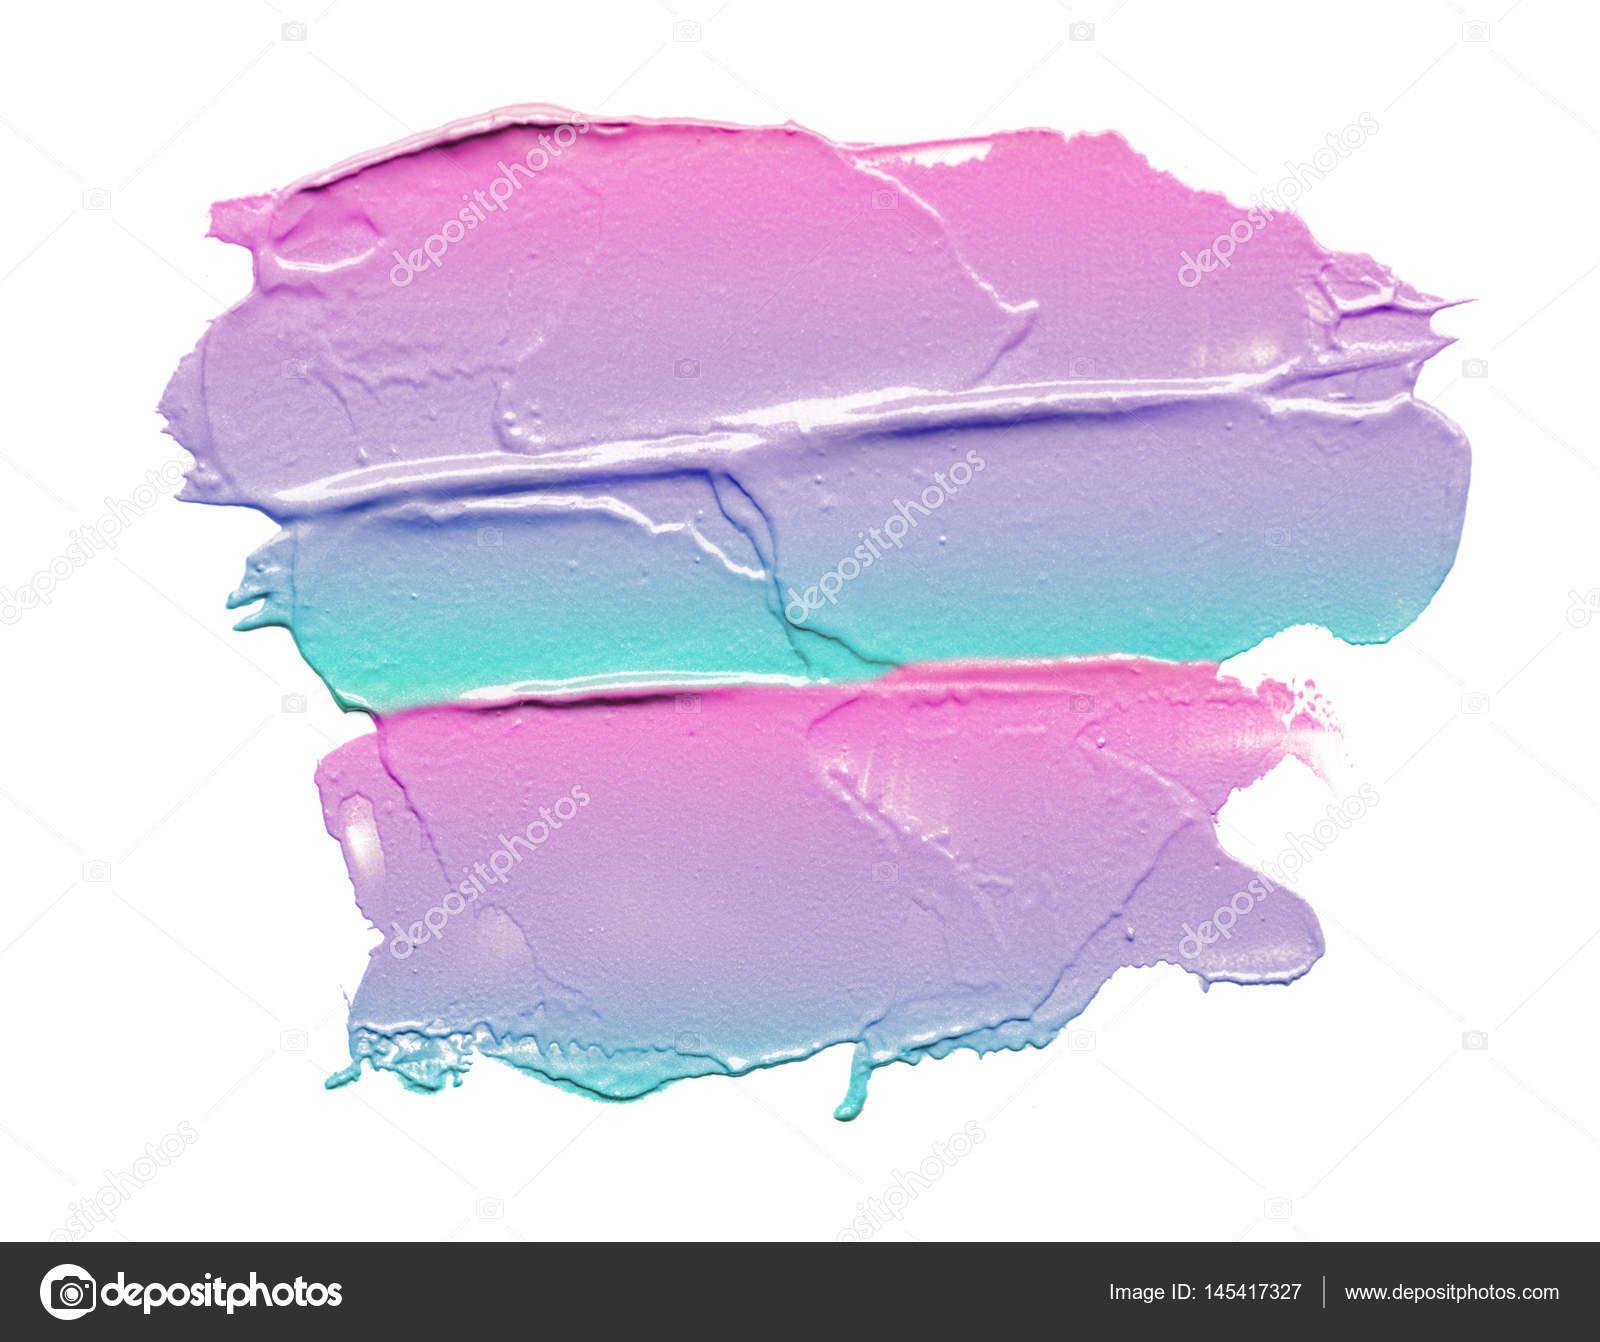 Приложение на фото как мазки краской